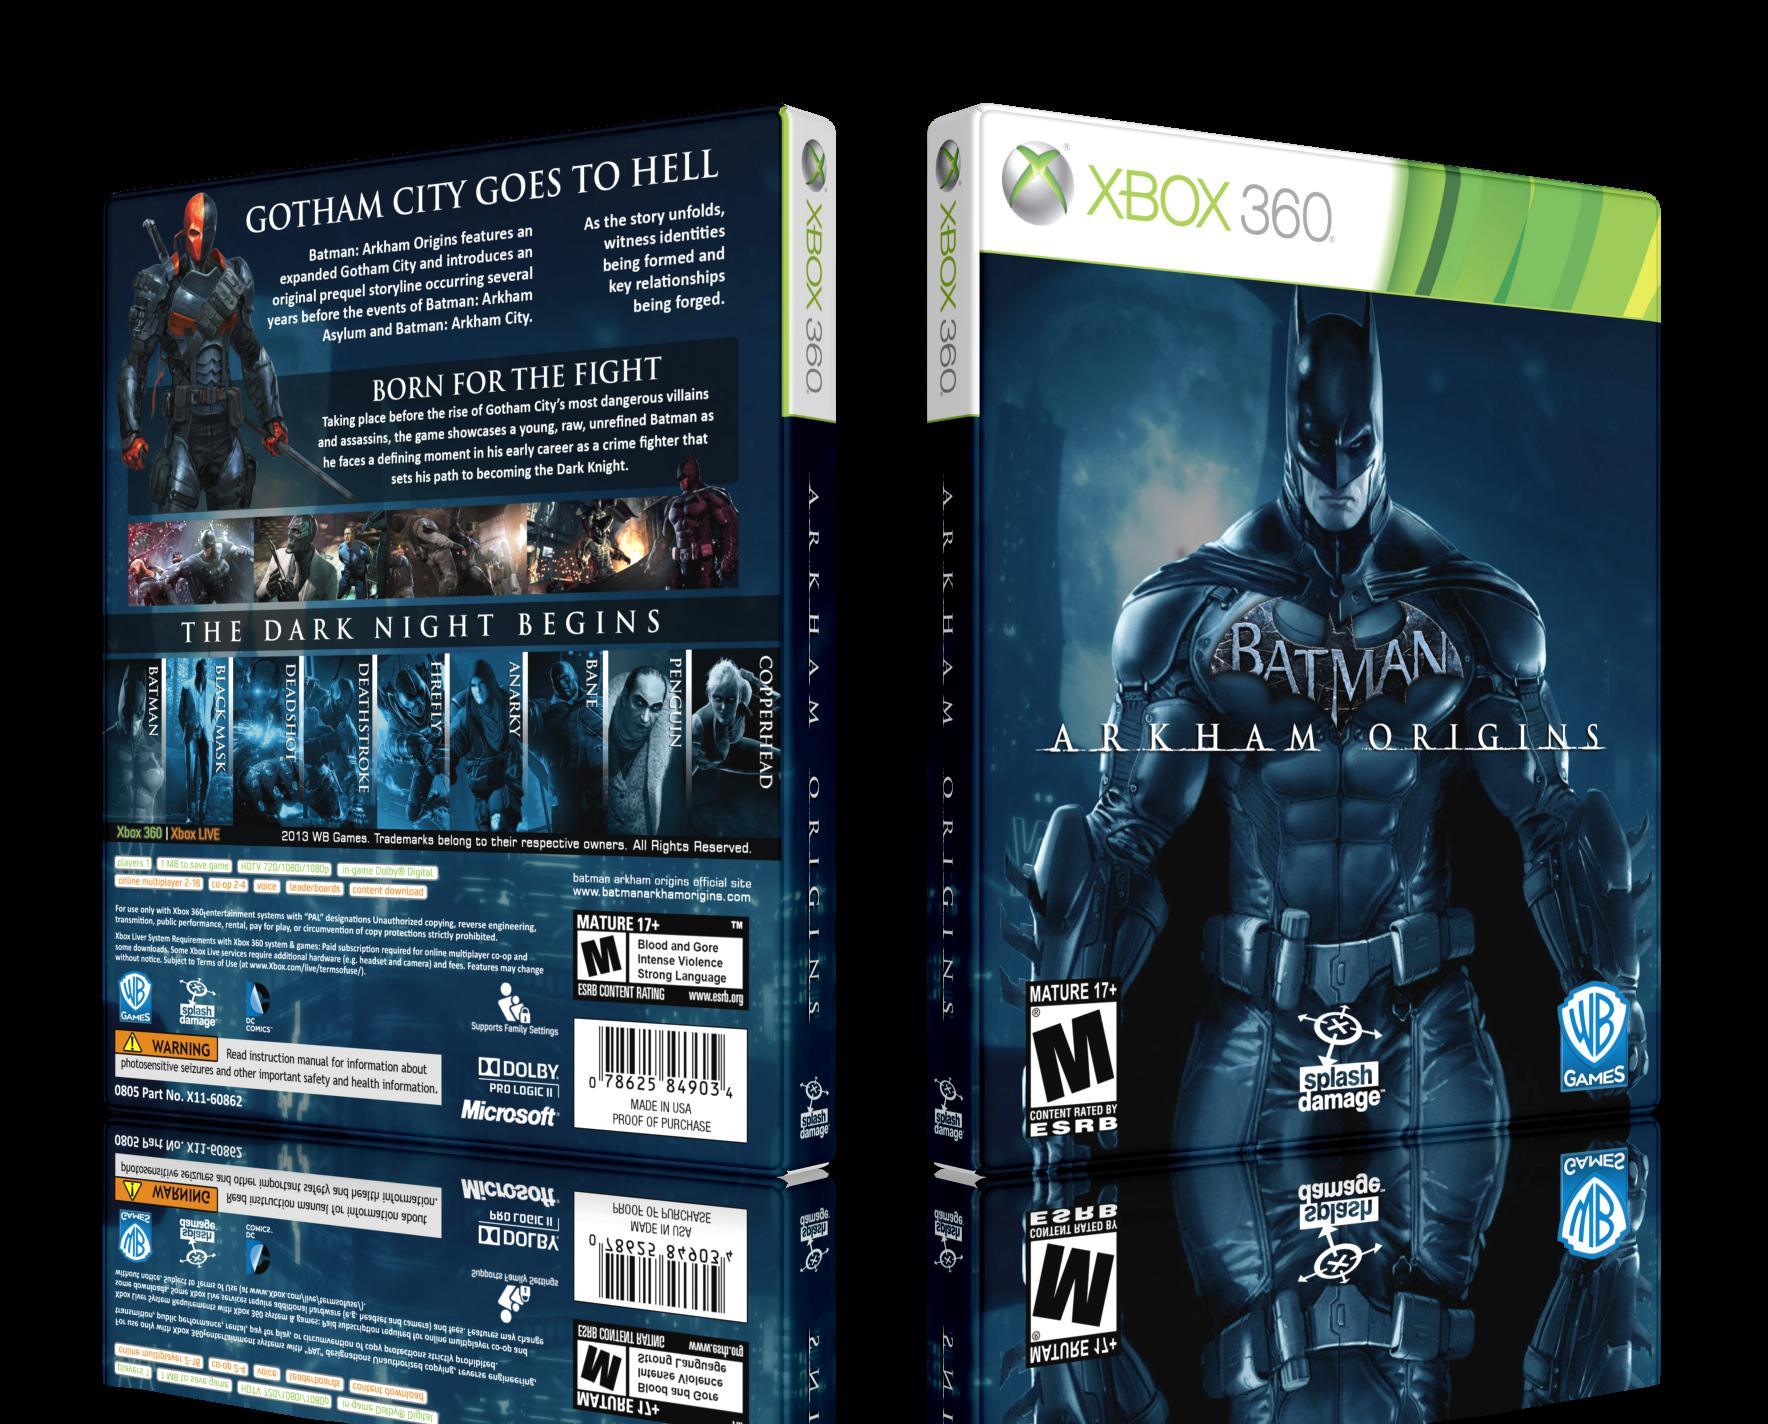 یه گاتهام و یه خفاش  نقد و بررسی Batman Arkham Origins   www.MihanGame.com